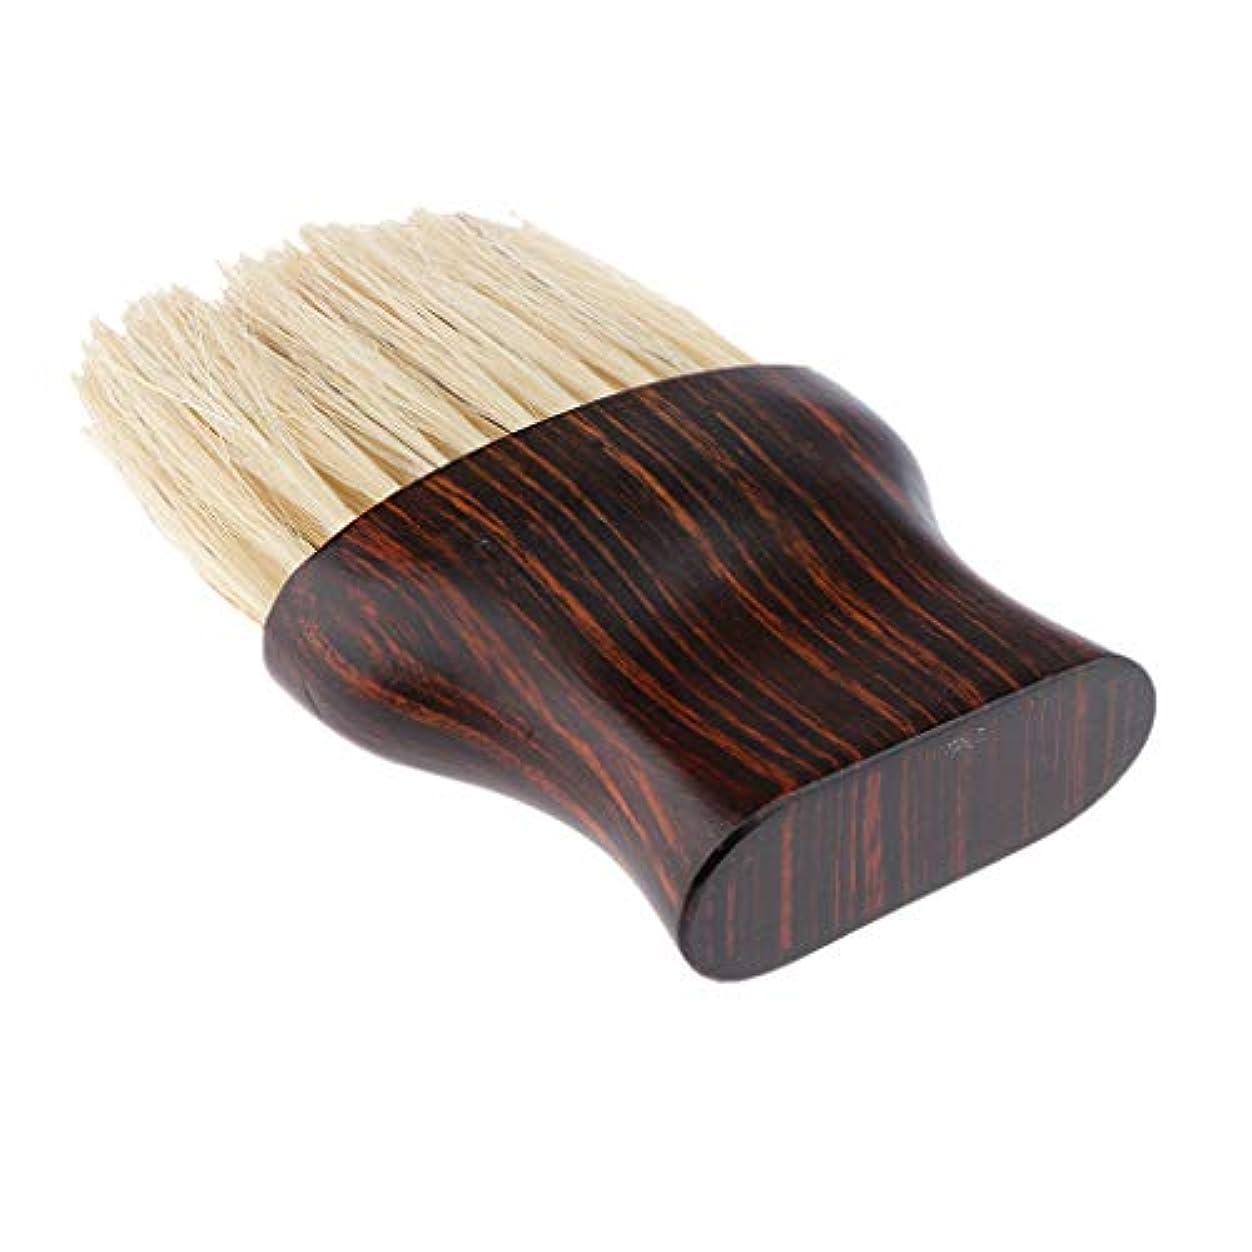 分岐するモンク以上SM SunniMix 毛払いブラシ ヘアブラシ 繊維毛 散髪 髪切り 散髪用ツール 床屋 理髪店 美容院 ソフトブラシ